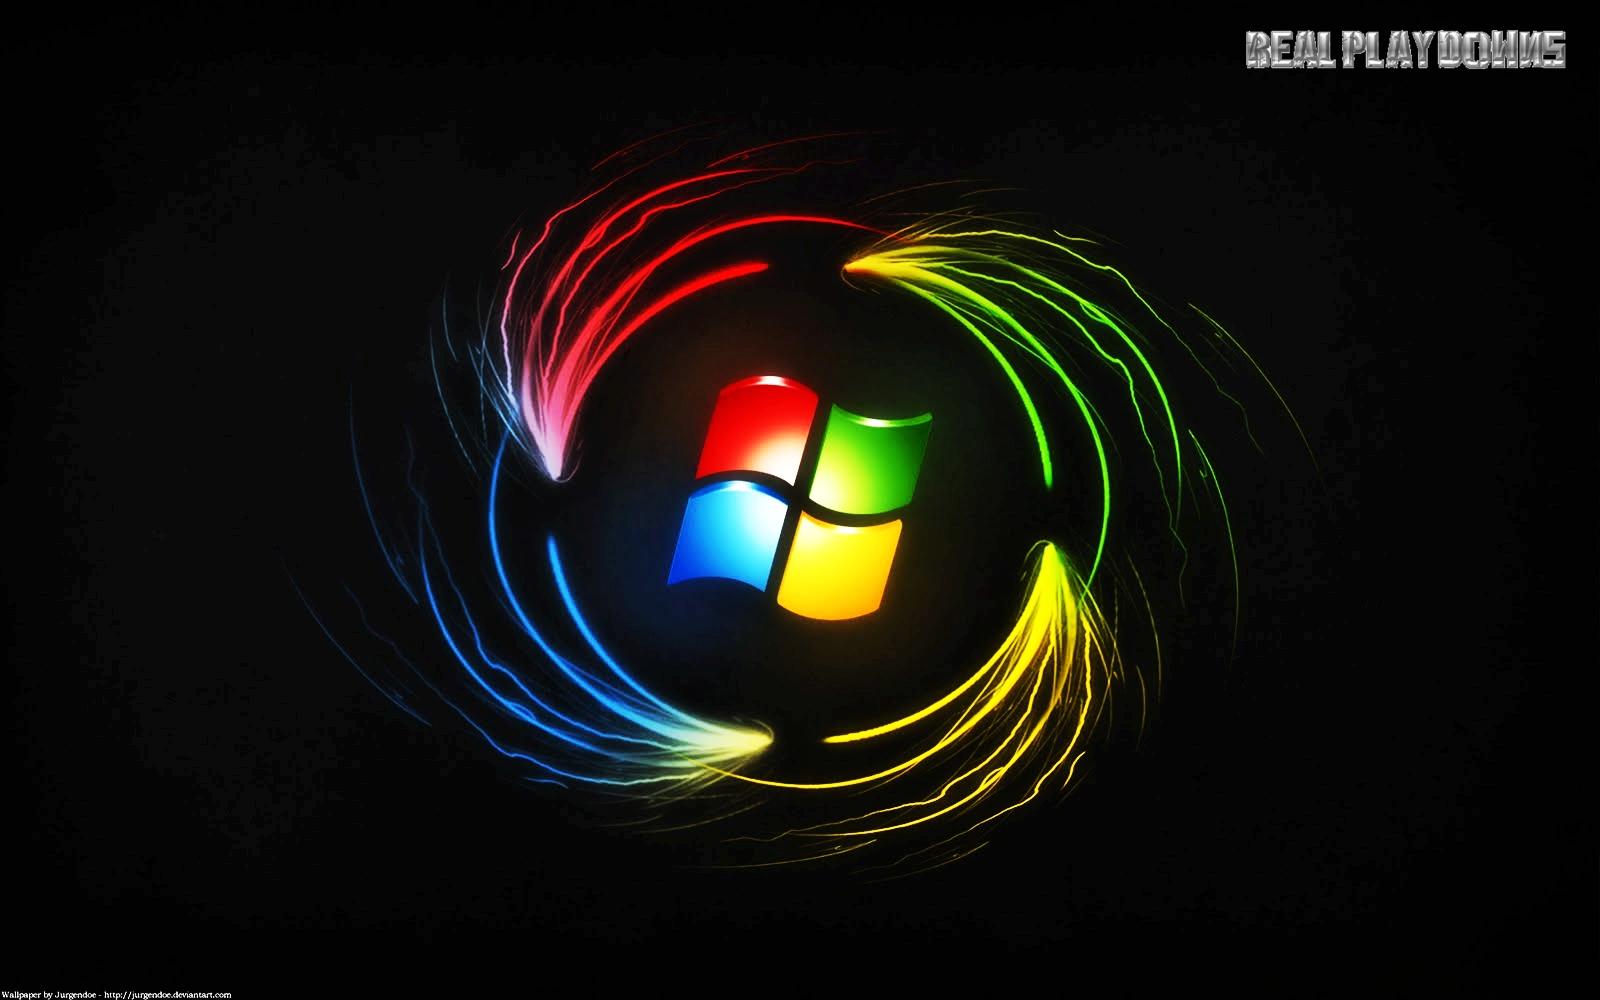 http://3.bp.blogspot.com/-8SYAJUeoWgA/UJuluz73P-I/AAAAAAAAA1w/6YME__OXxP4/s1600/Best+Windows+8+Wallpaper.jpg